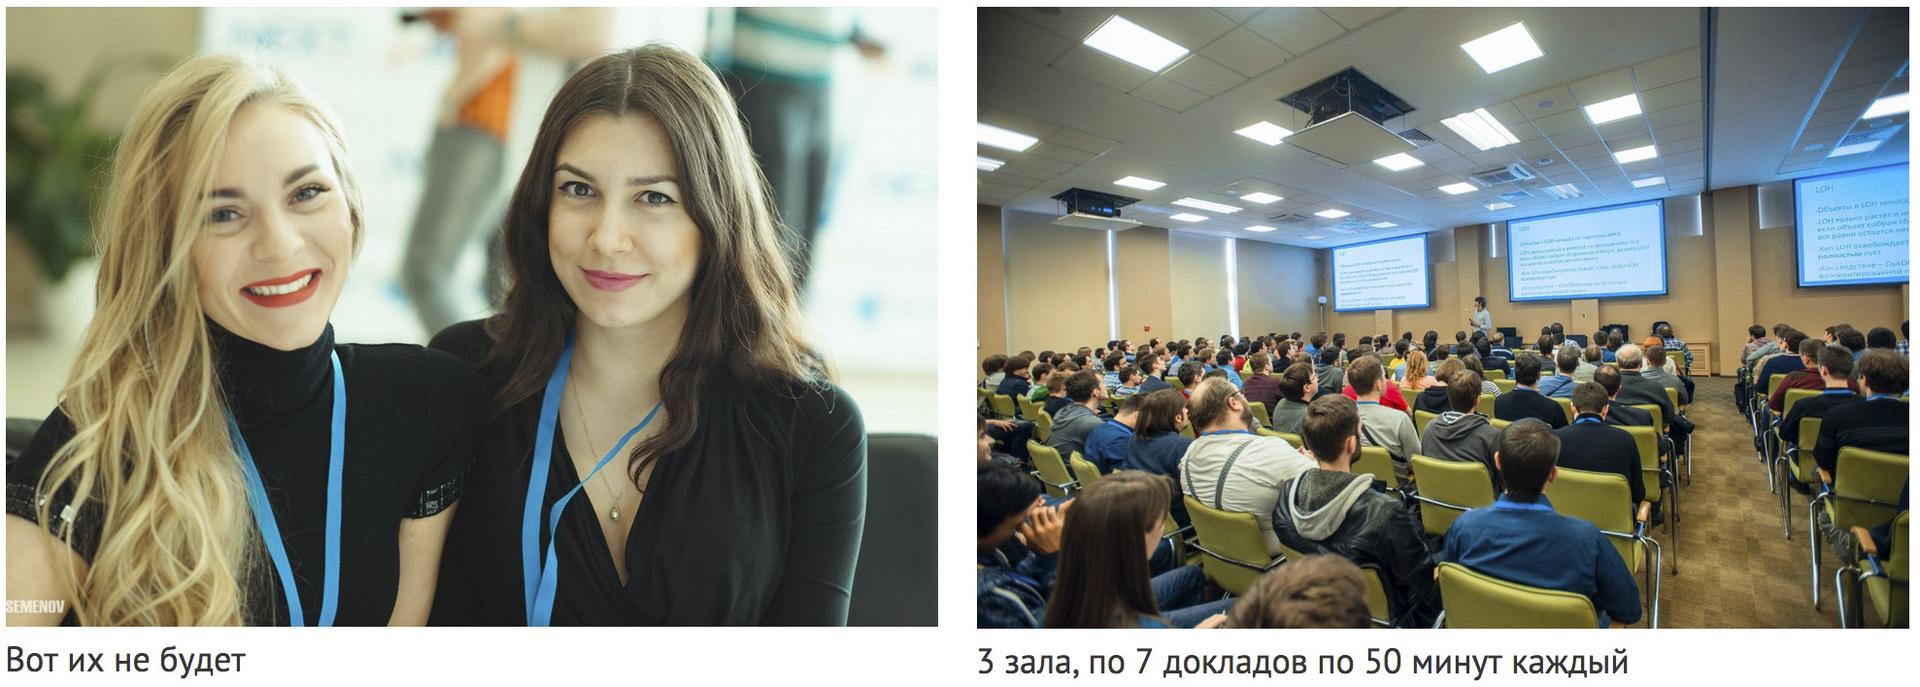 .NEXT 2014 Moscow: Финальное расписание, спонсоры, стенды и пара спойлеров - 3